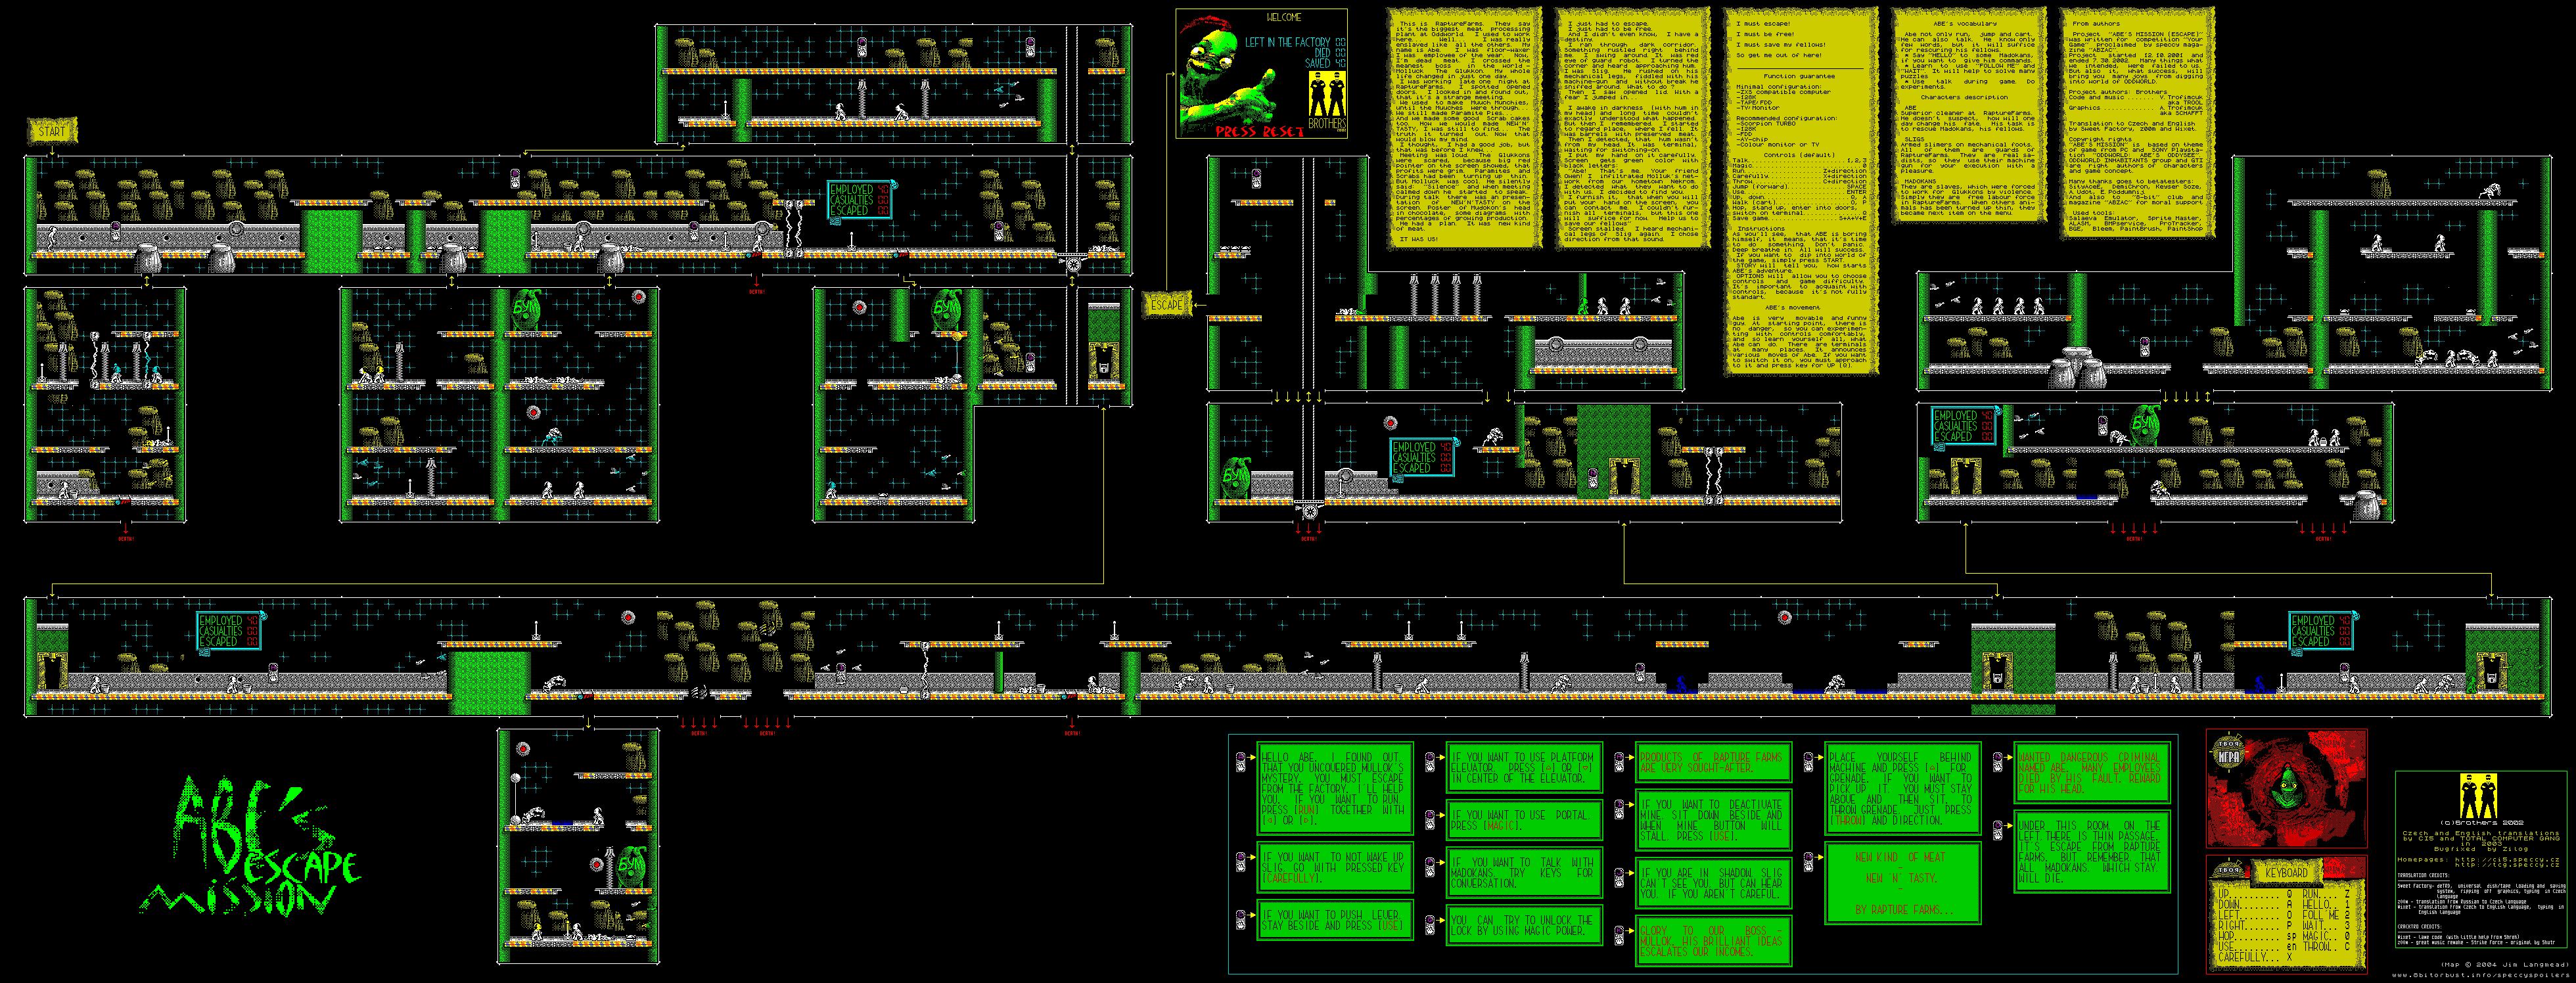 http://maps.speccy.cz/maps/AbesMission.png